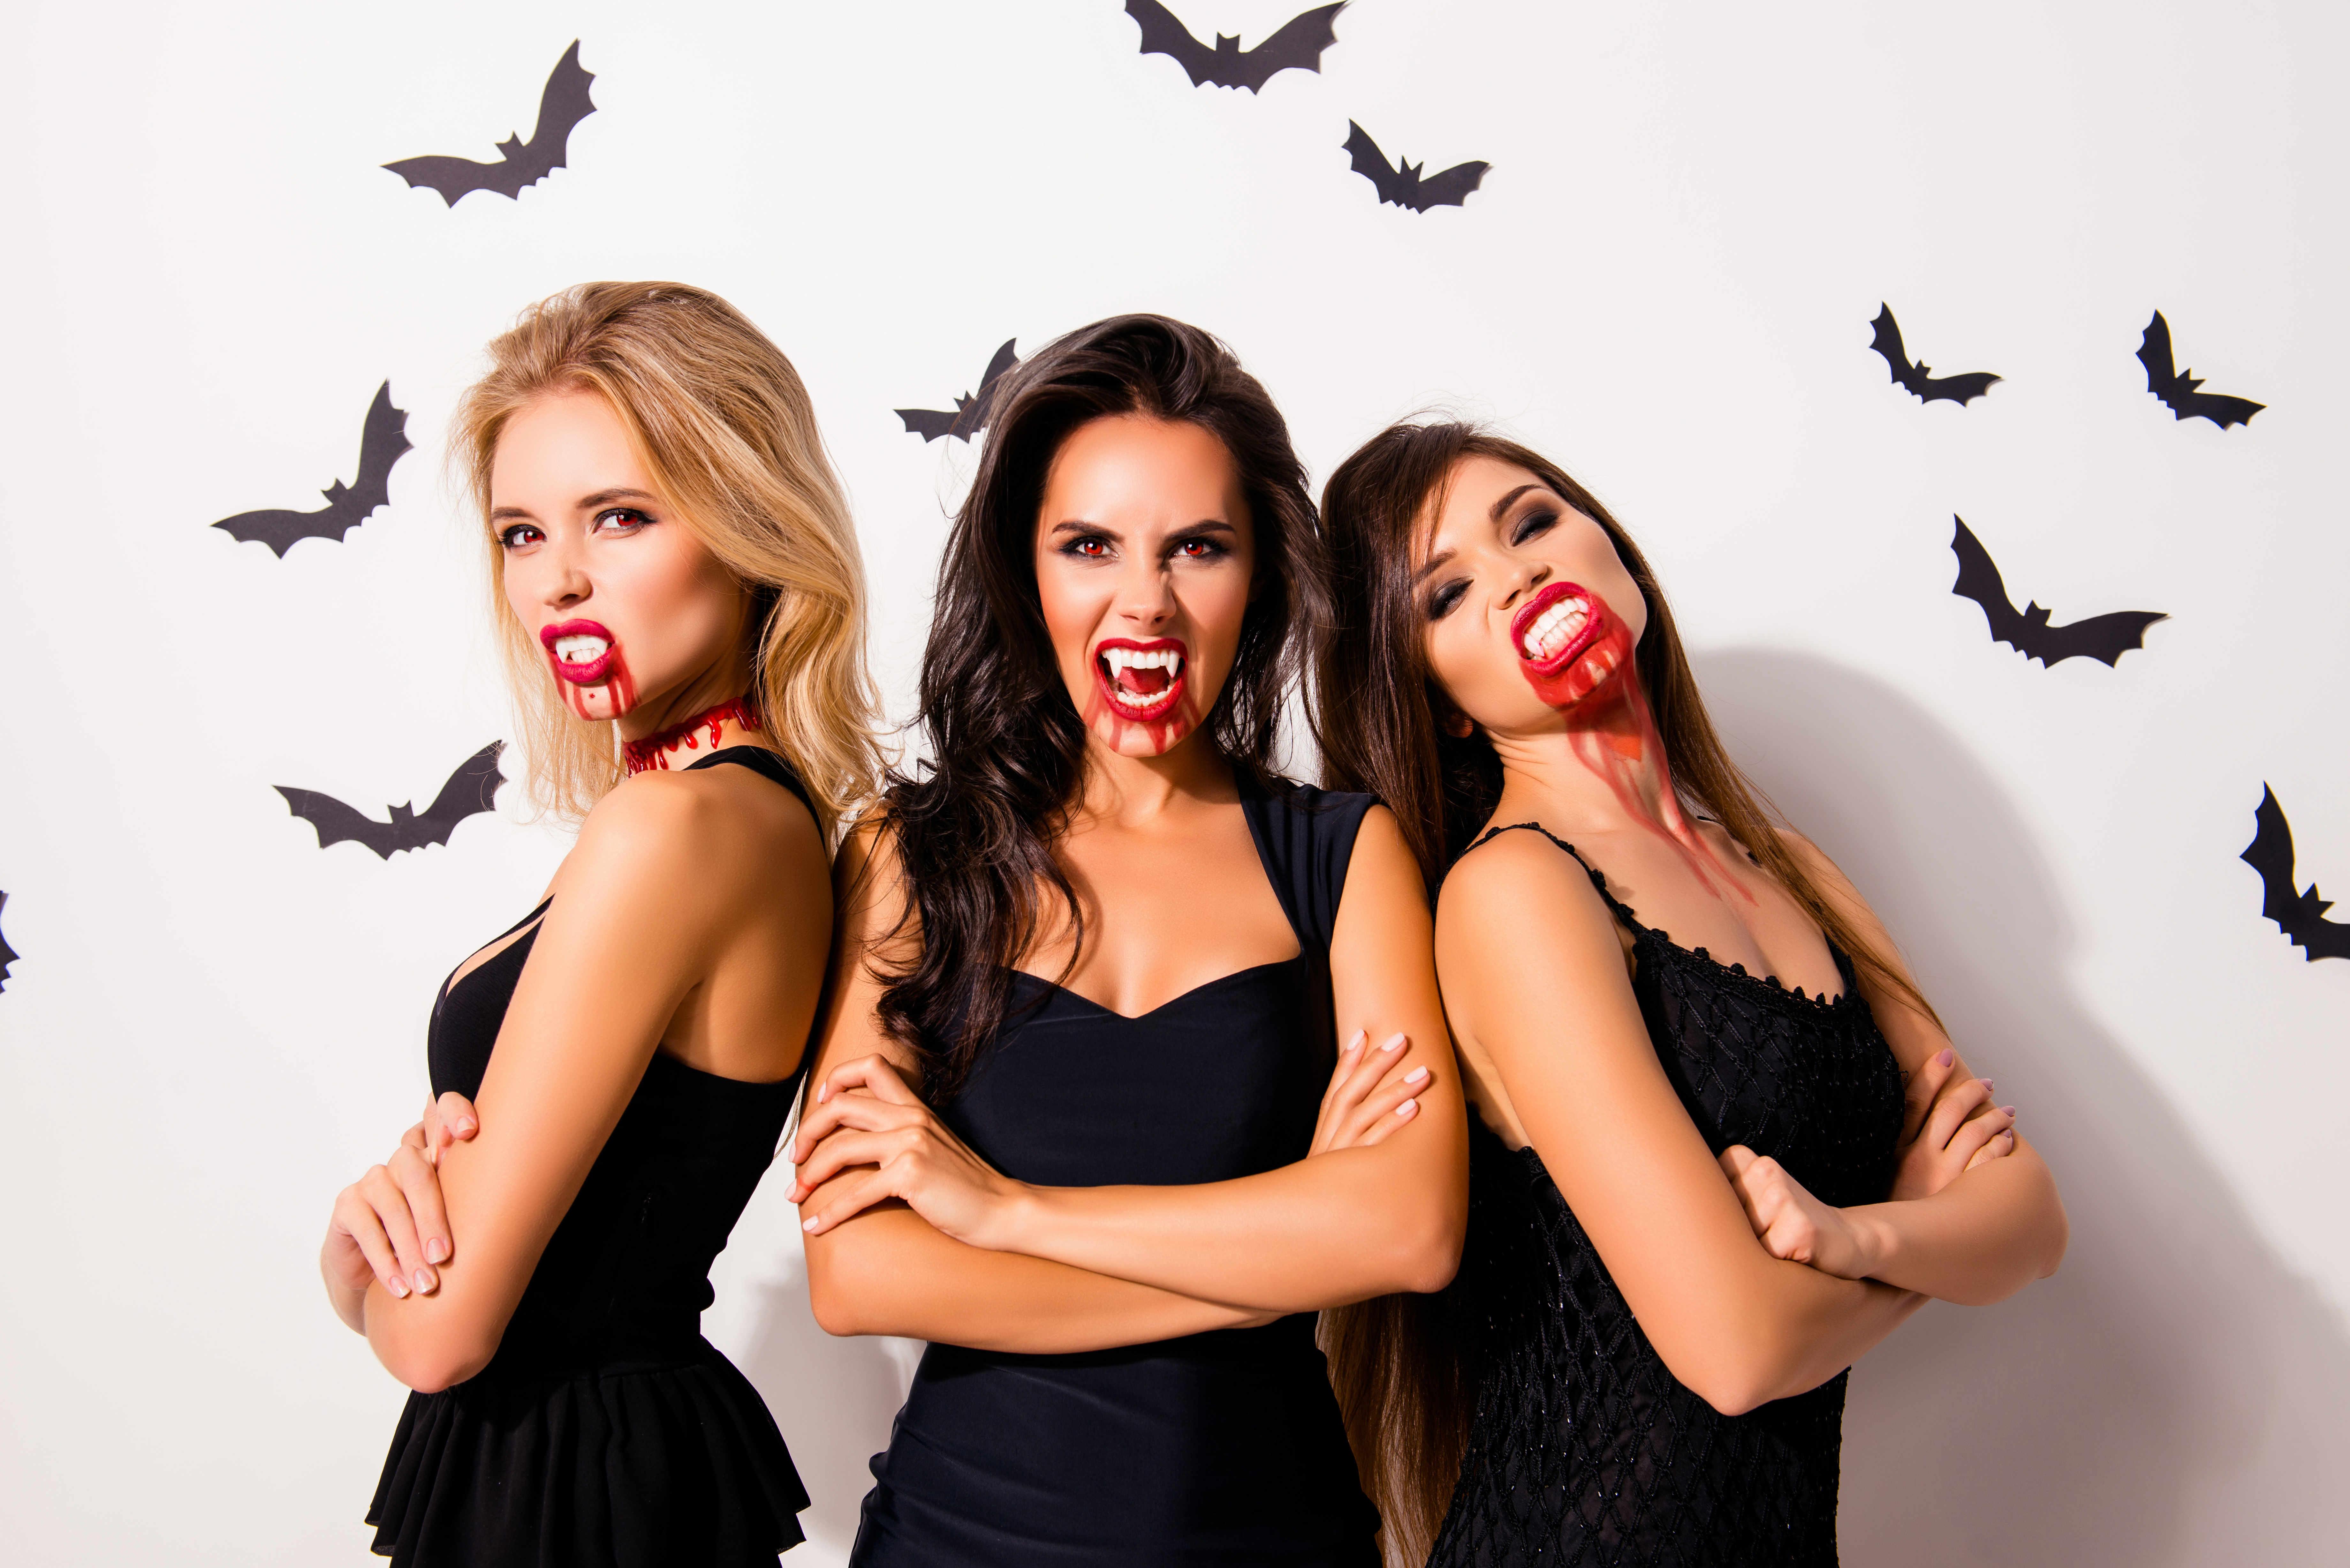 Fabriquer du faux sang pour Halloween - DIY - Blog La Foir'Fouille